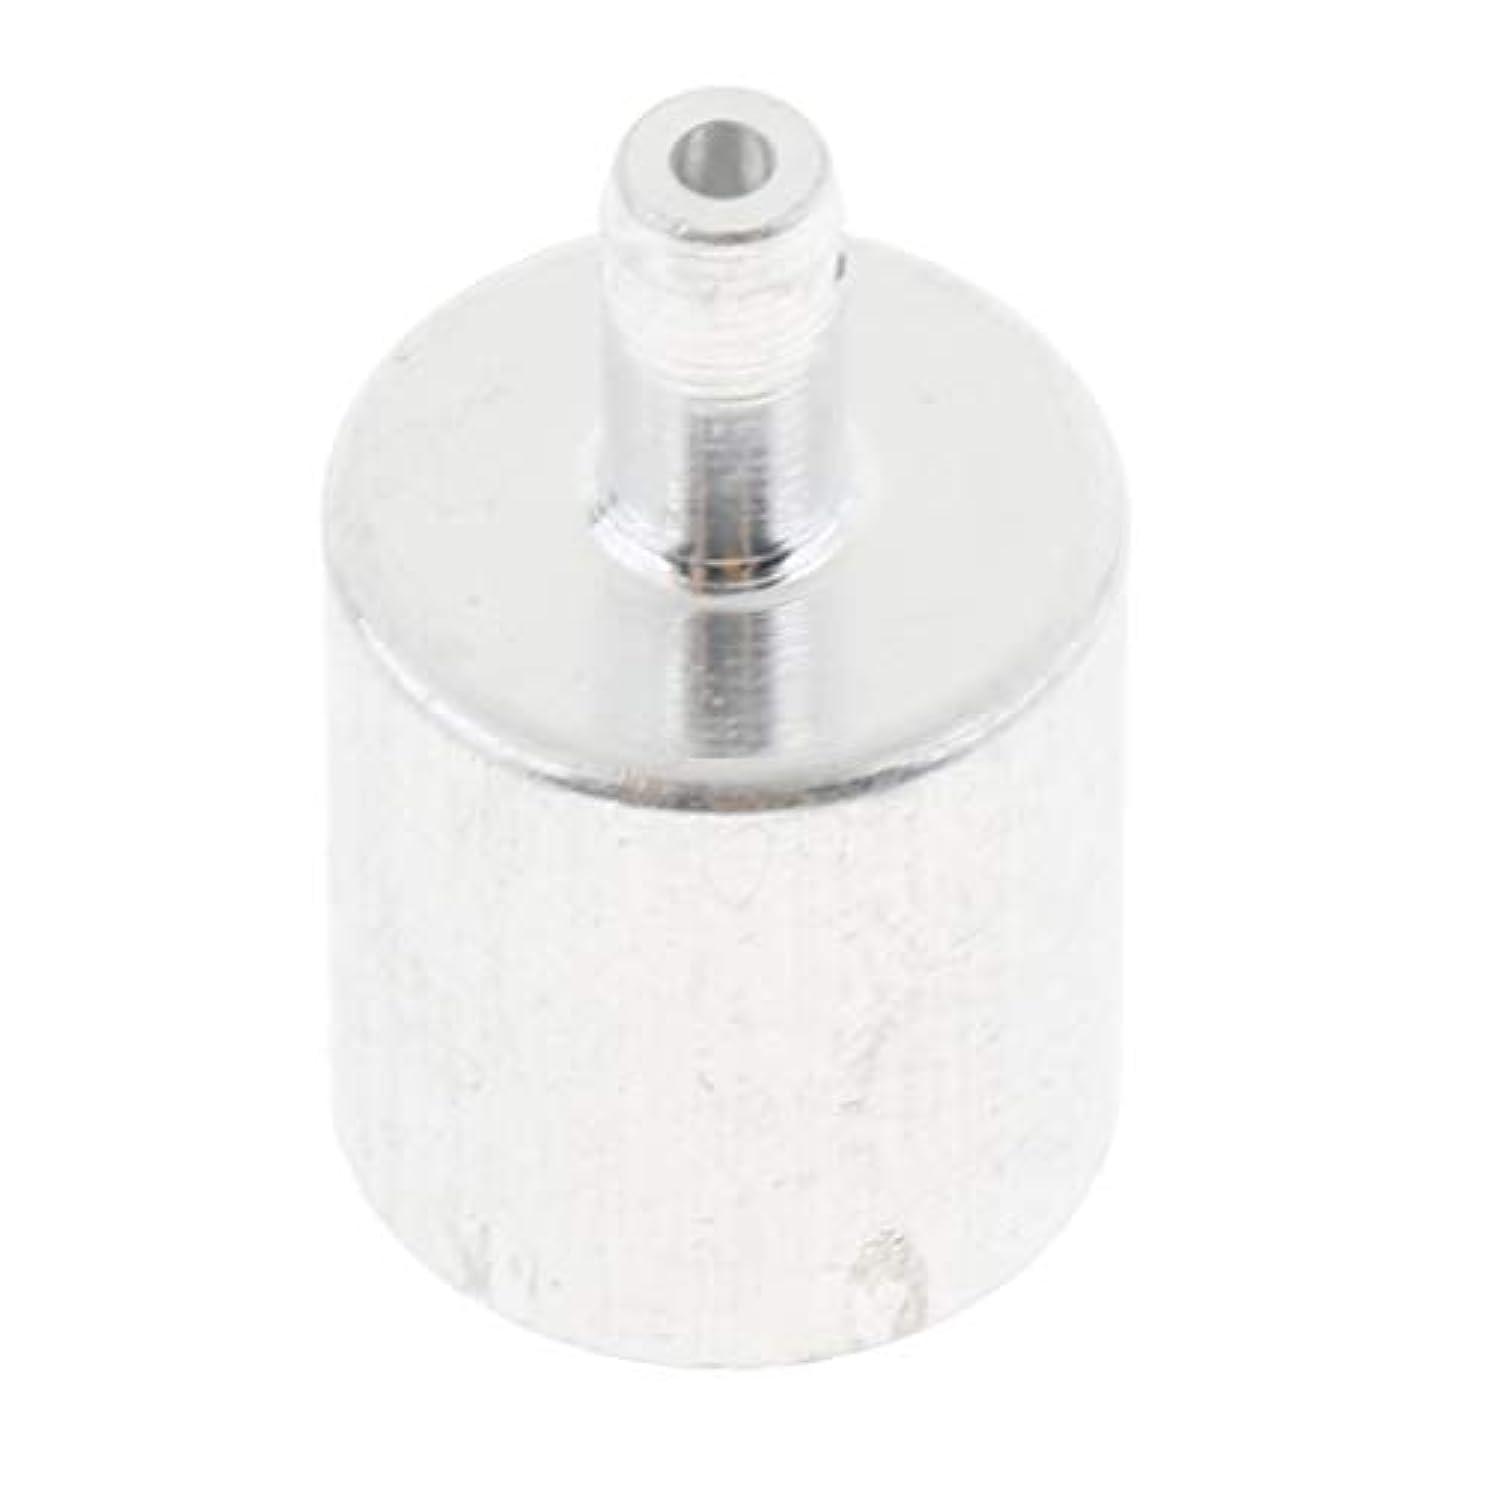 強度瞬時に進化Almencla ガスキャニスター詰め替えアダプター 交換品 アルミ合金製 高質量 ストーブ用